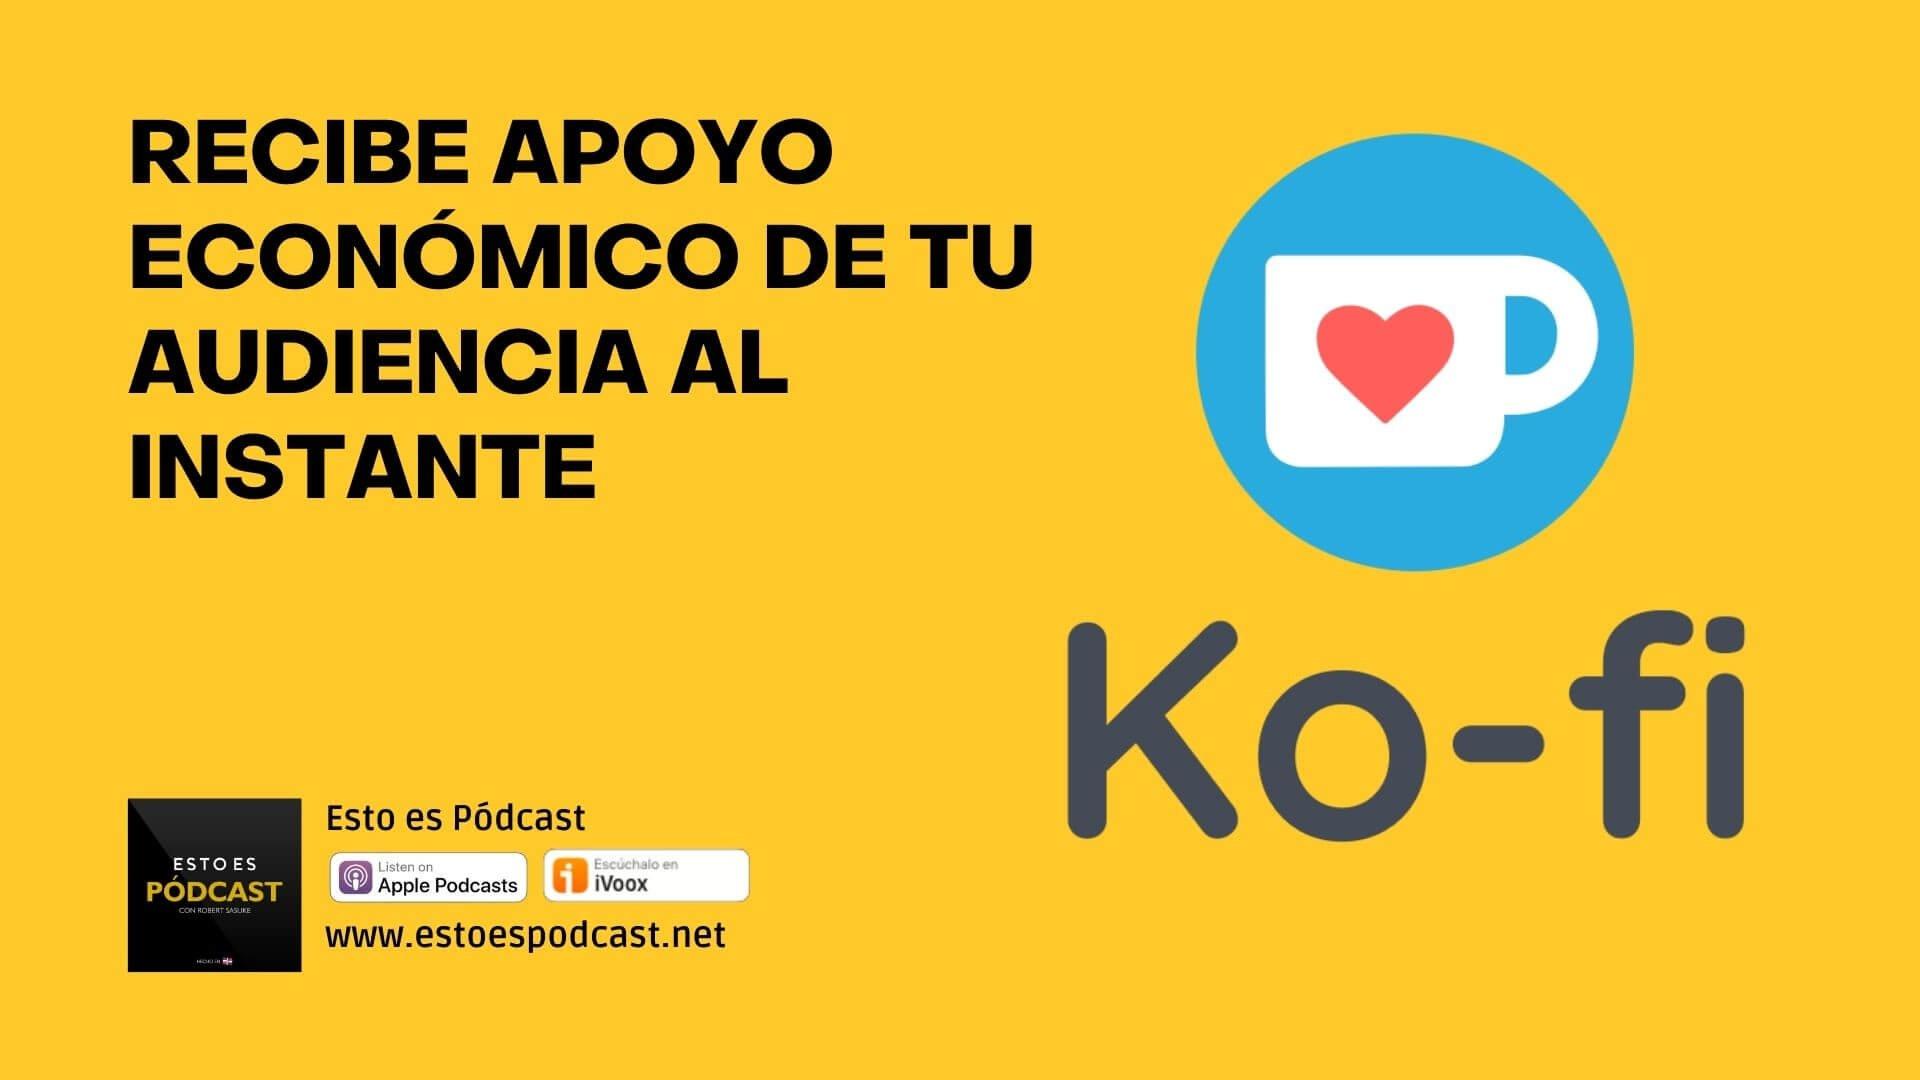 Recibe Apoyo Económico de tu Audiencia sin Limitaciones: Ko-fi